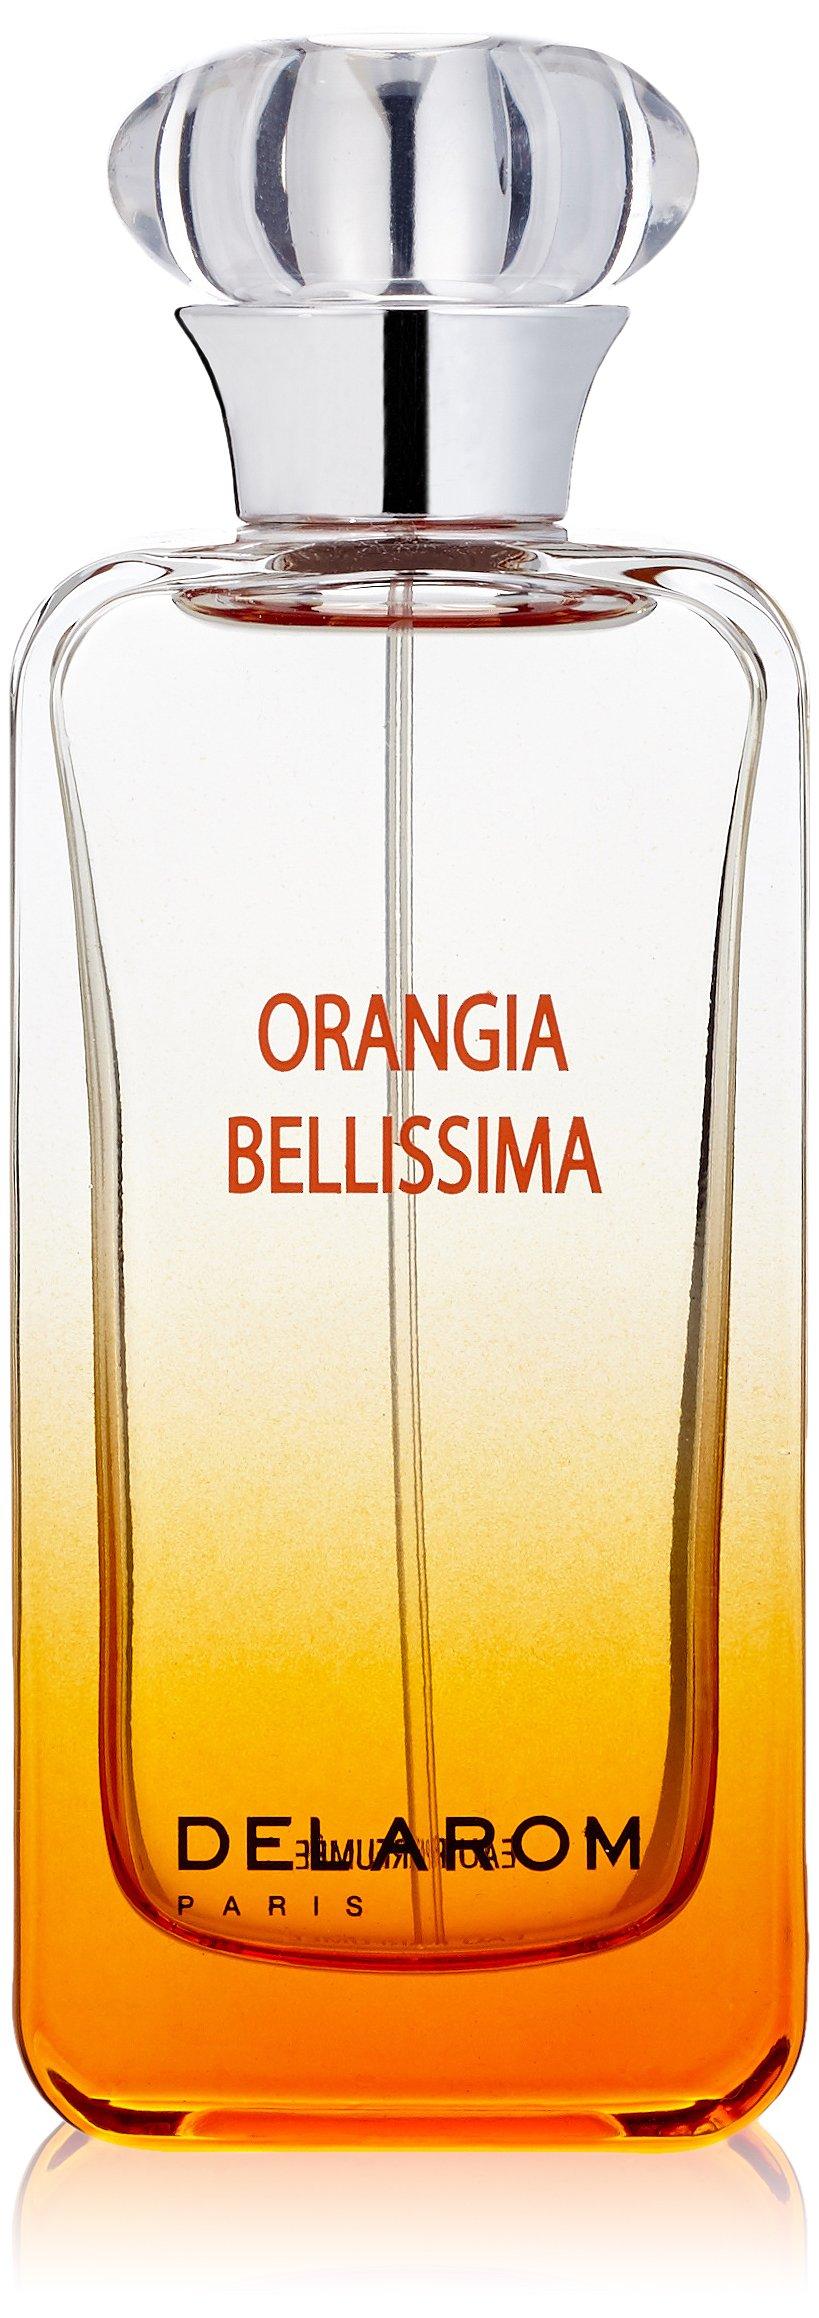 DELAROM ORANGIA BELLISSIMA 50ml